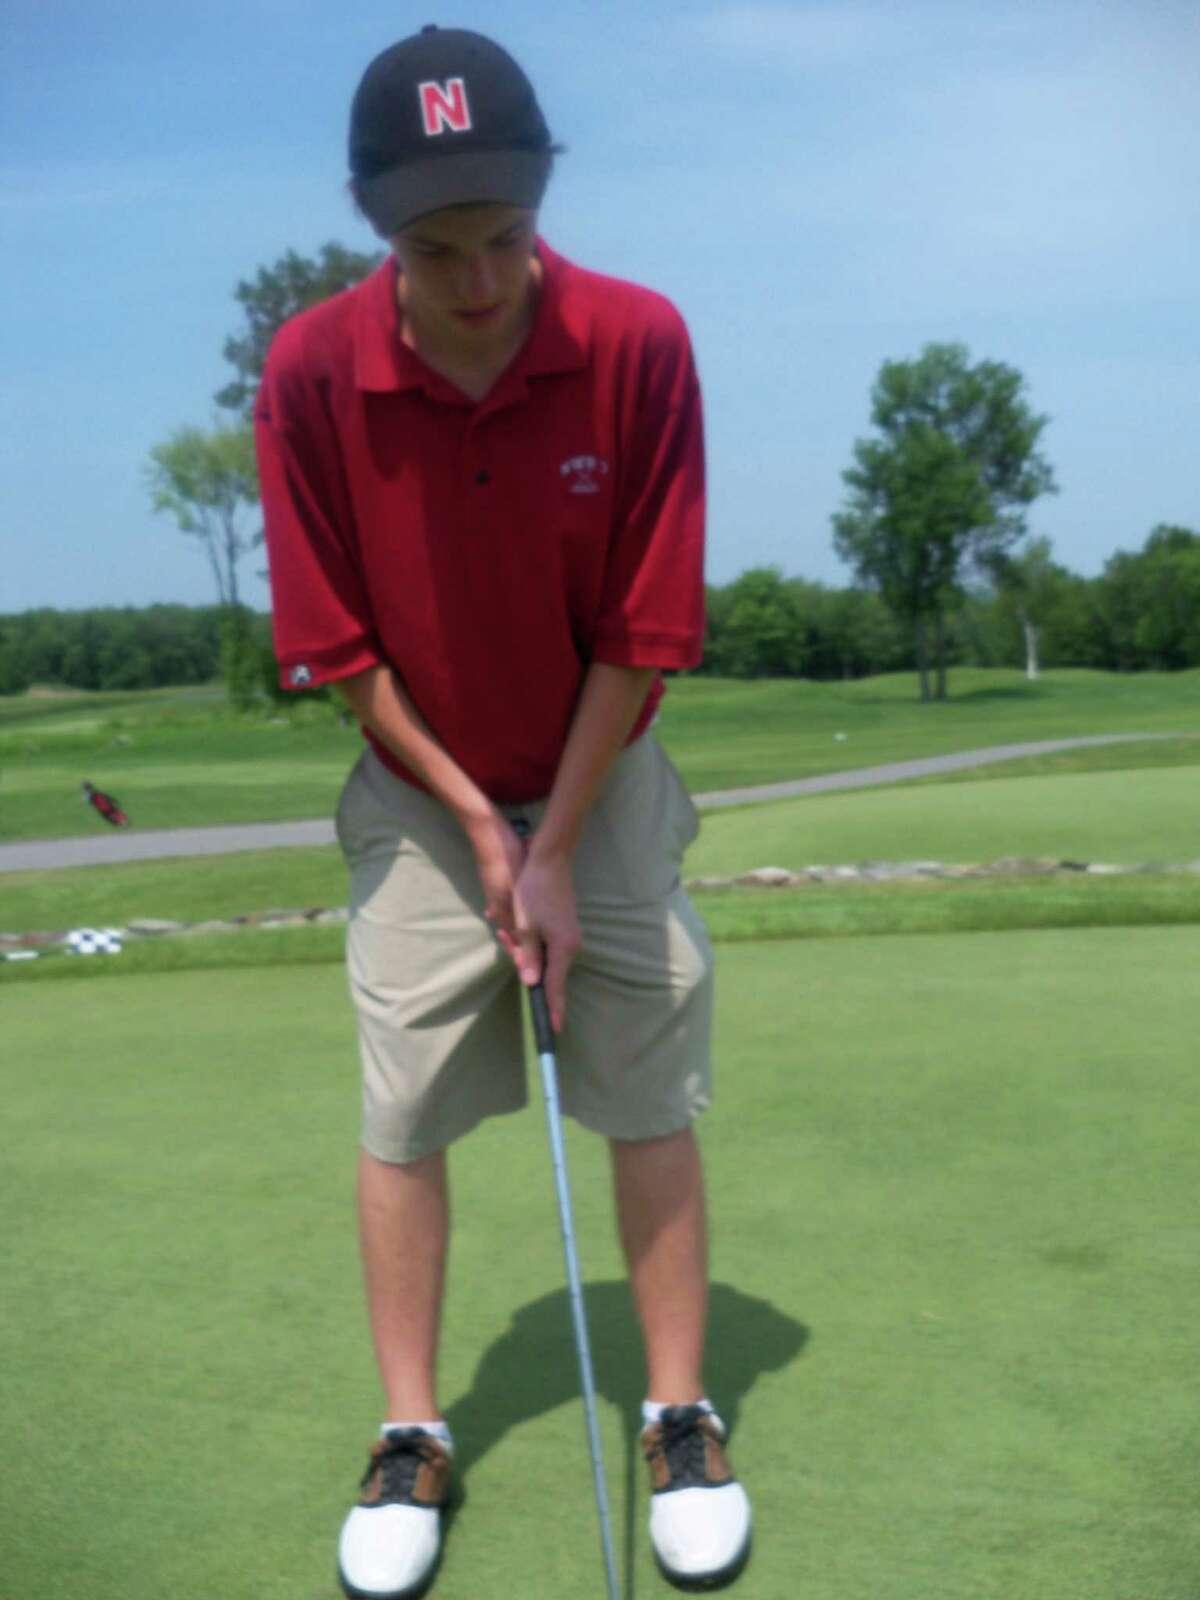 Northwestern Golfer Patrick Kane